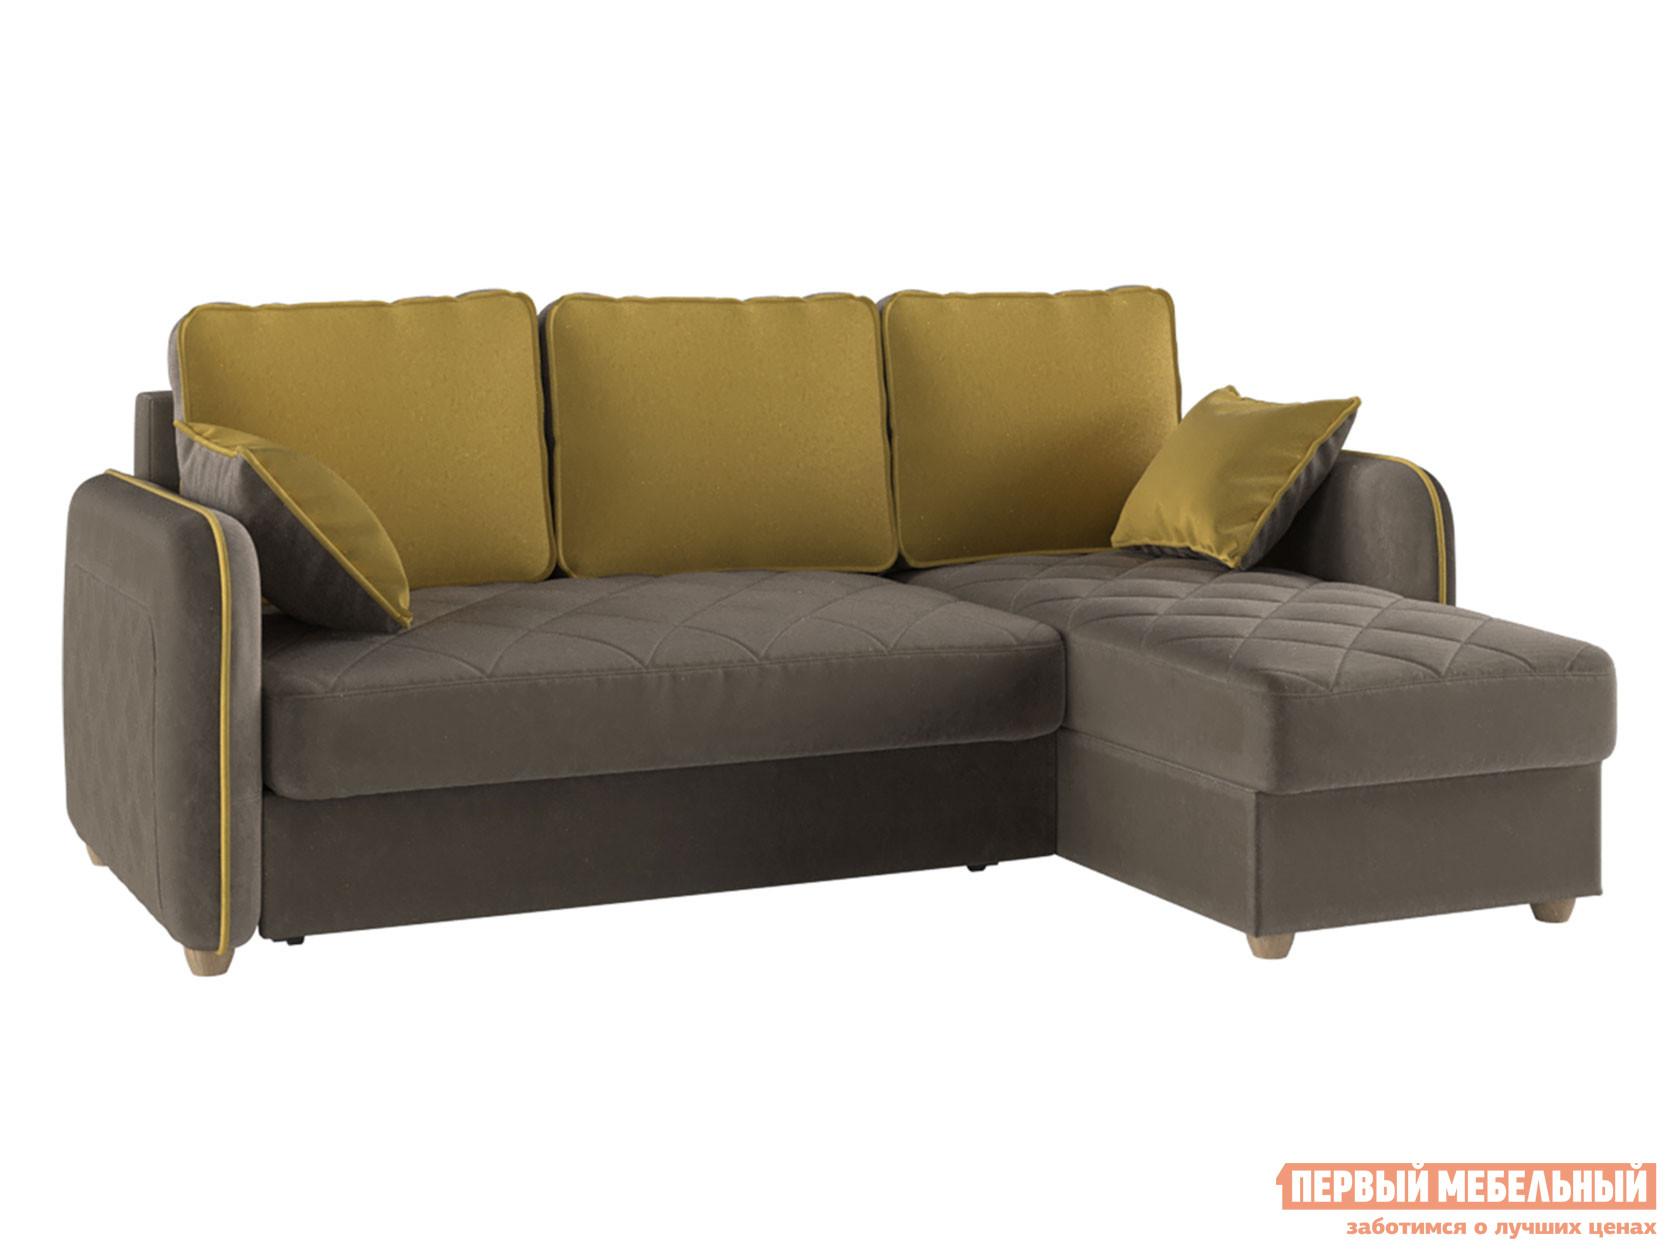 Угловой диван Первый Мебельный Диван Мартин Люкс угловой чехол для углового дивана первый мебельный чехол на диван угловой стамбул